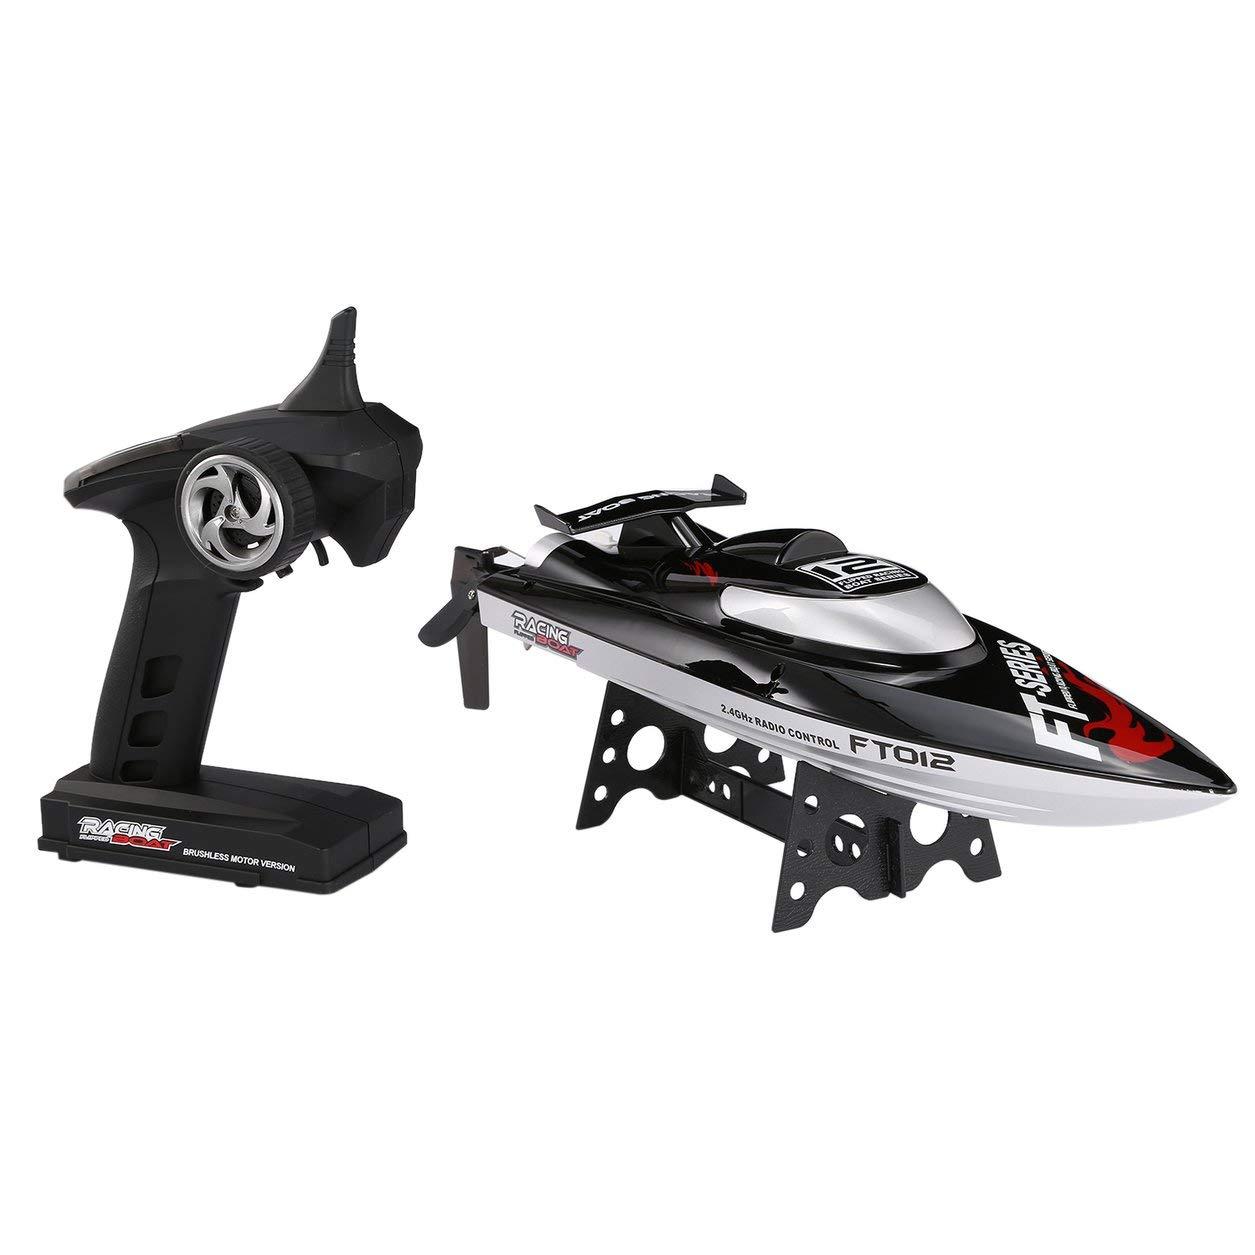 Feilun FT012 45km / hハイスピードブラシレスモーターレーシングボートフリップウォータークーリング B07GKTCNC7